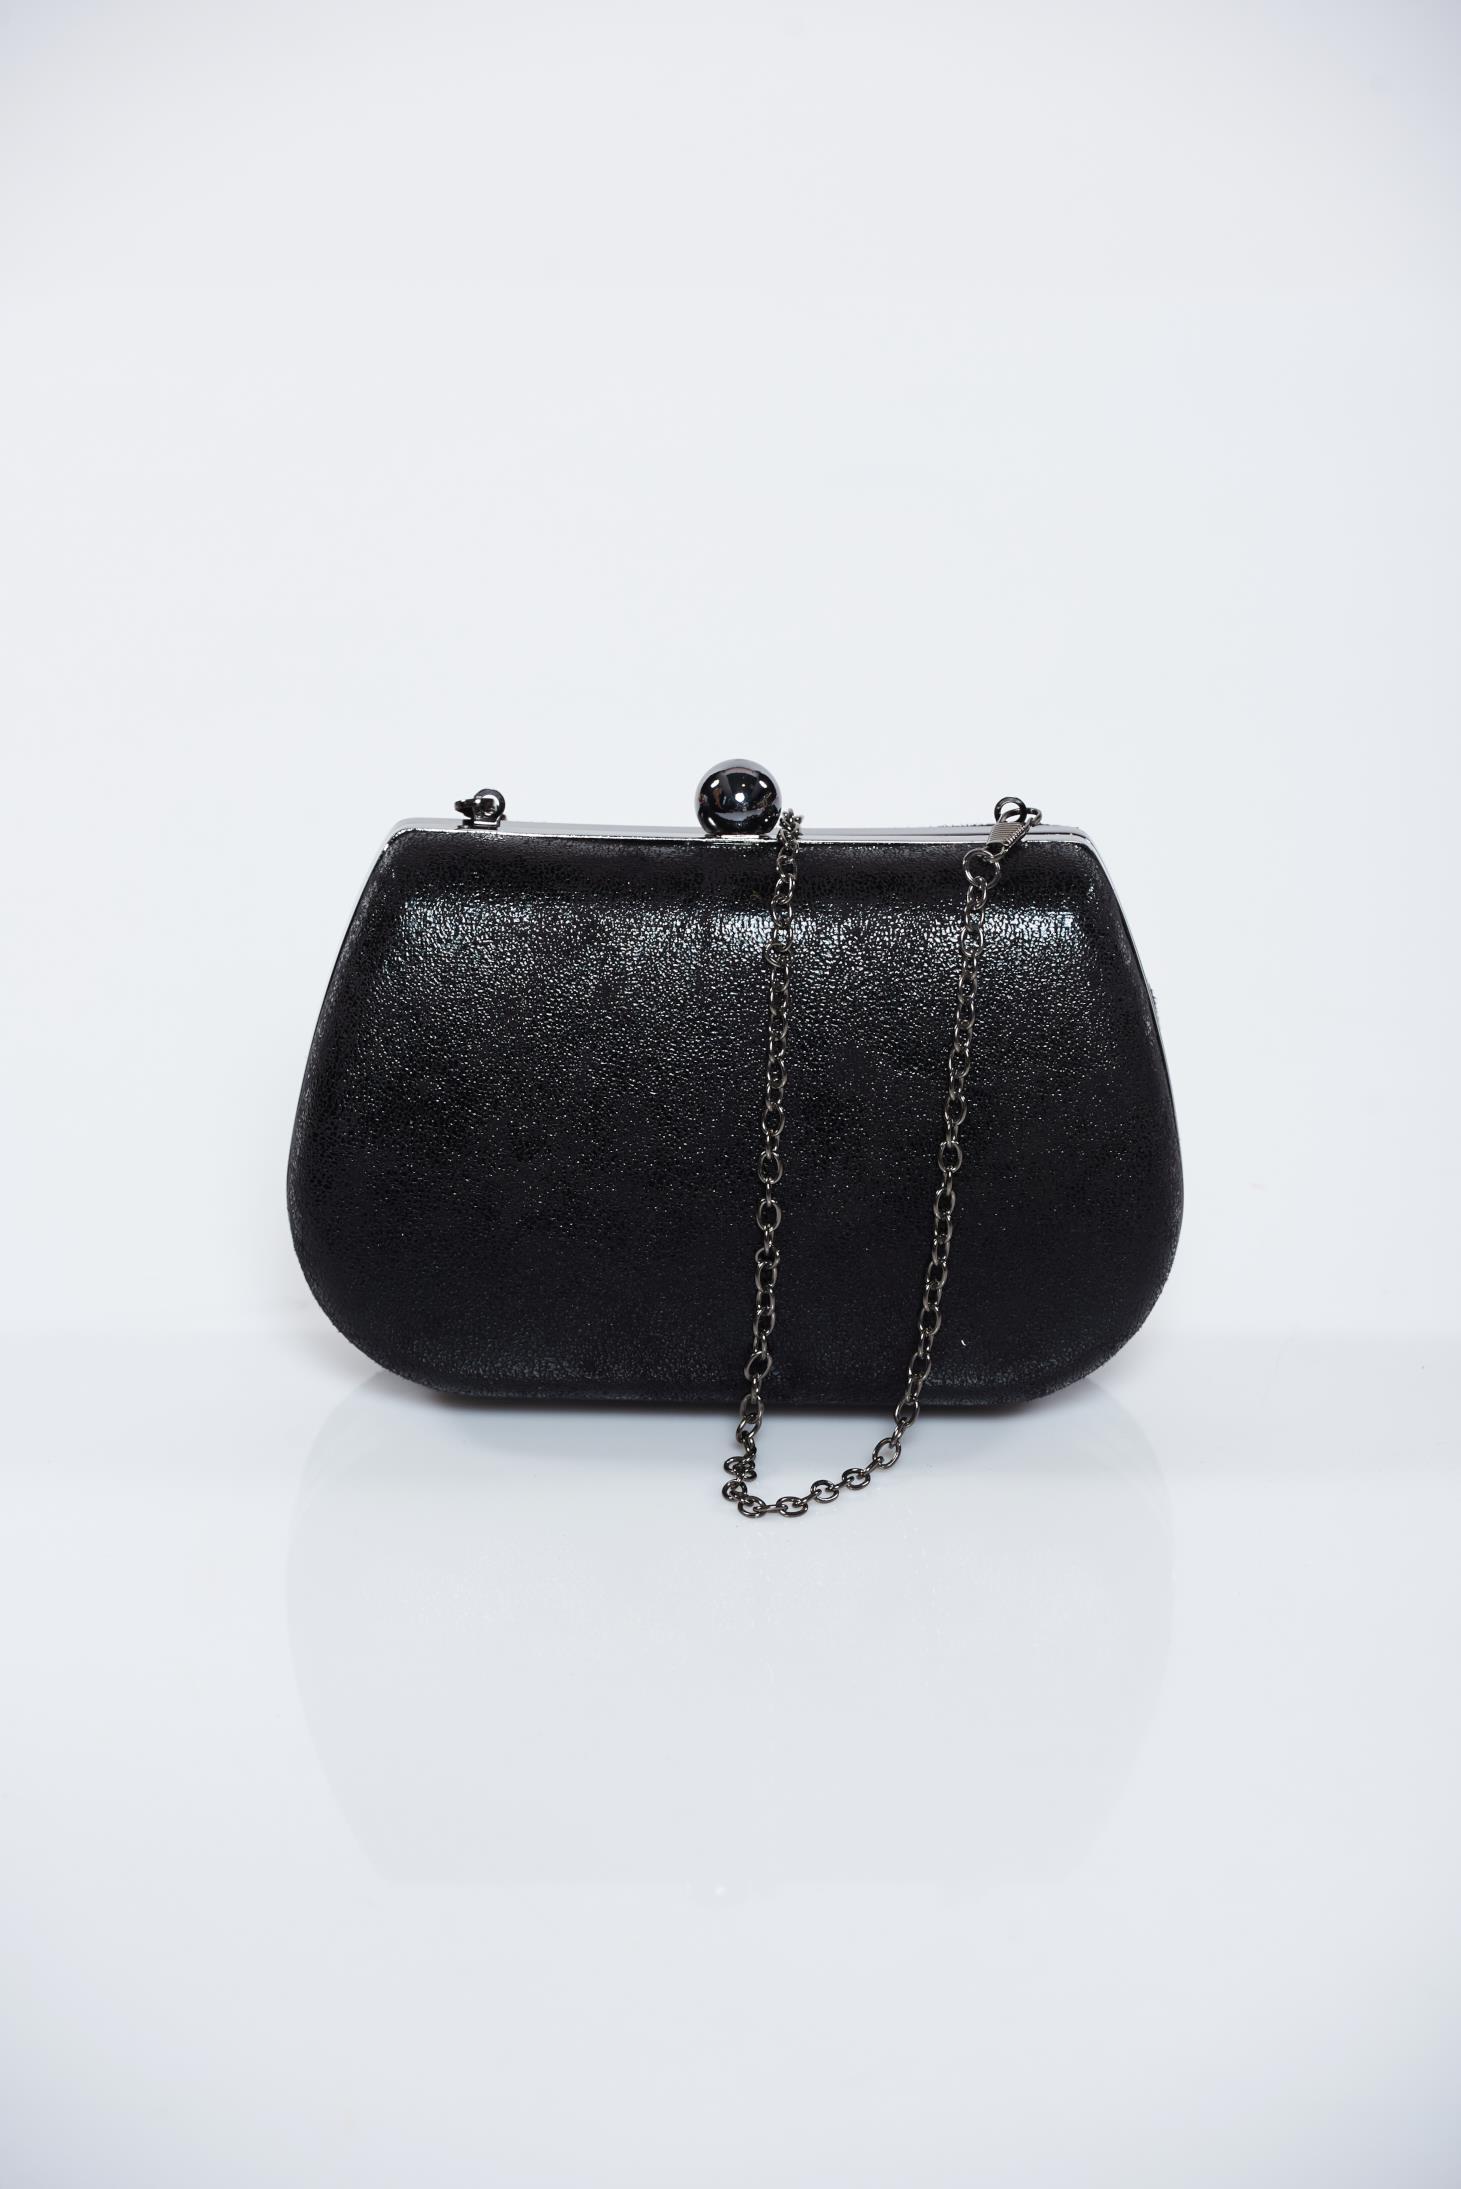 Fekete fémes jelleg alkalmi táska fémes kiegészítő 6712631ac2